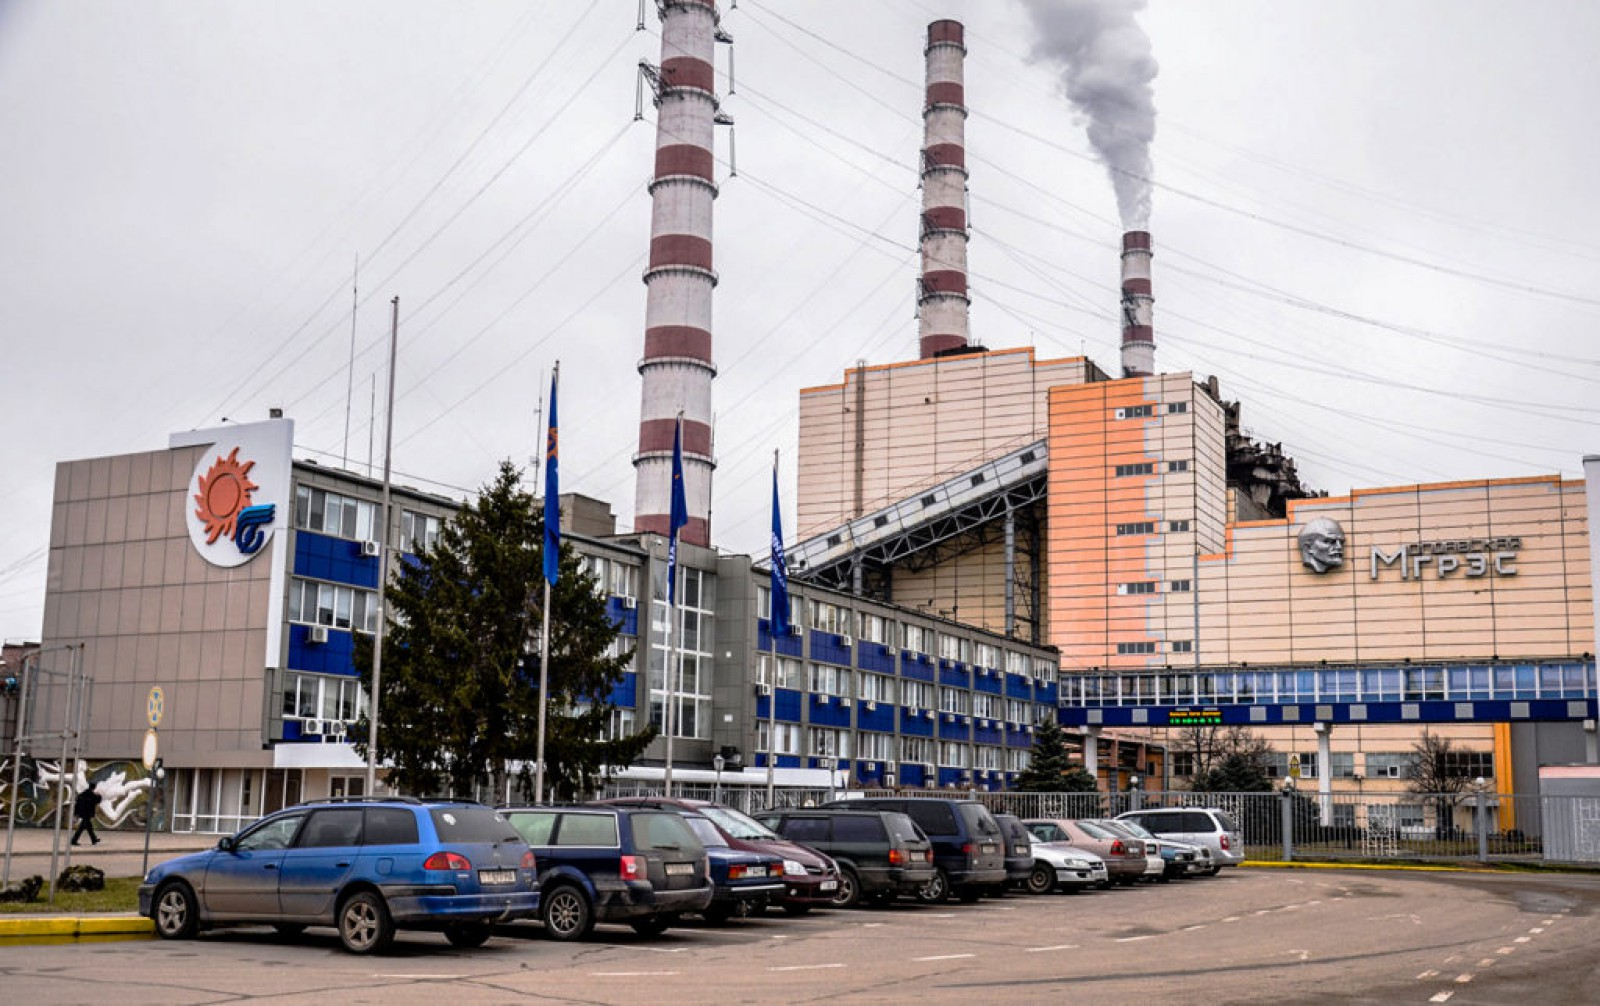 Investigație RISE Moldova: Offshore energetic din Tiraspol, alimentat din facturile Chișinăului